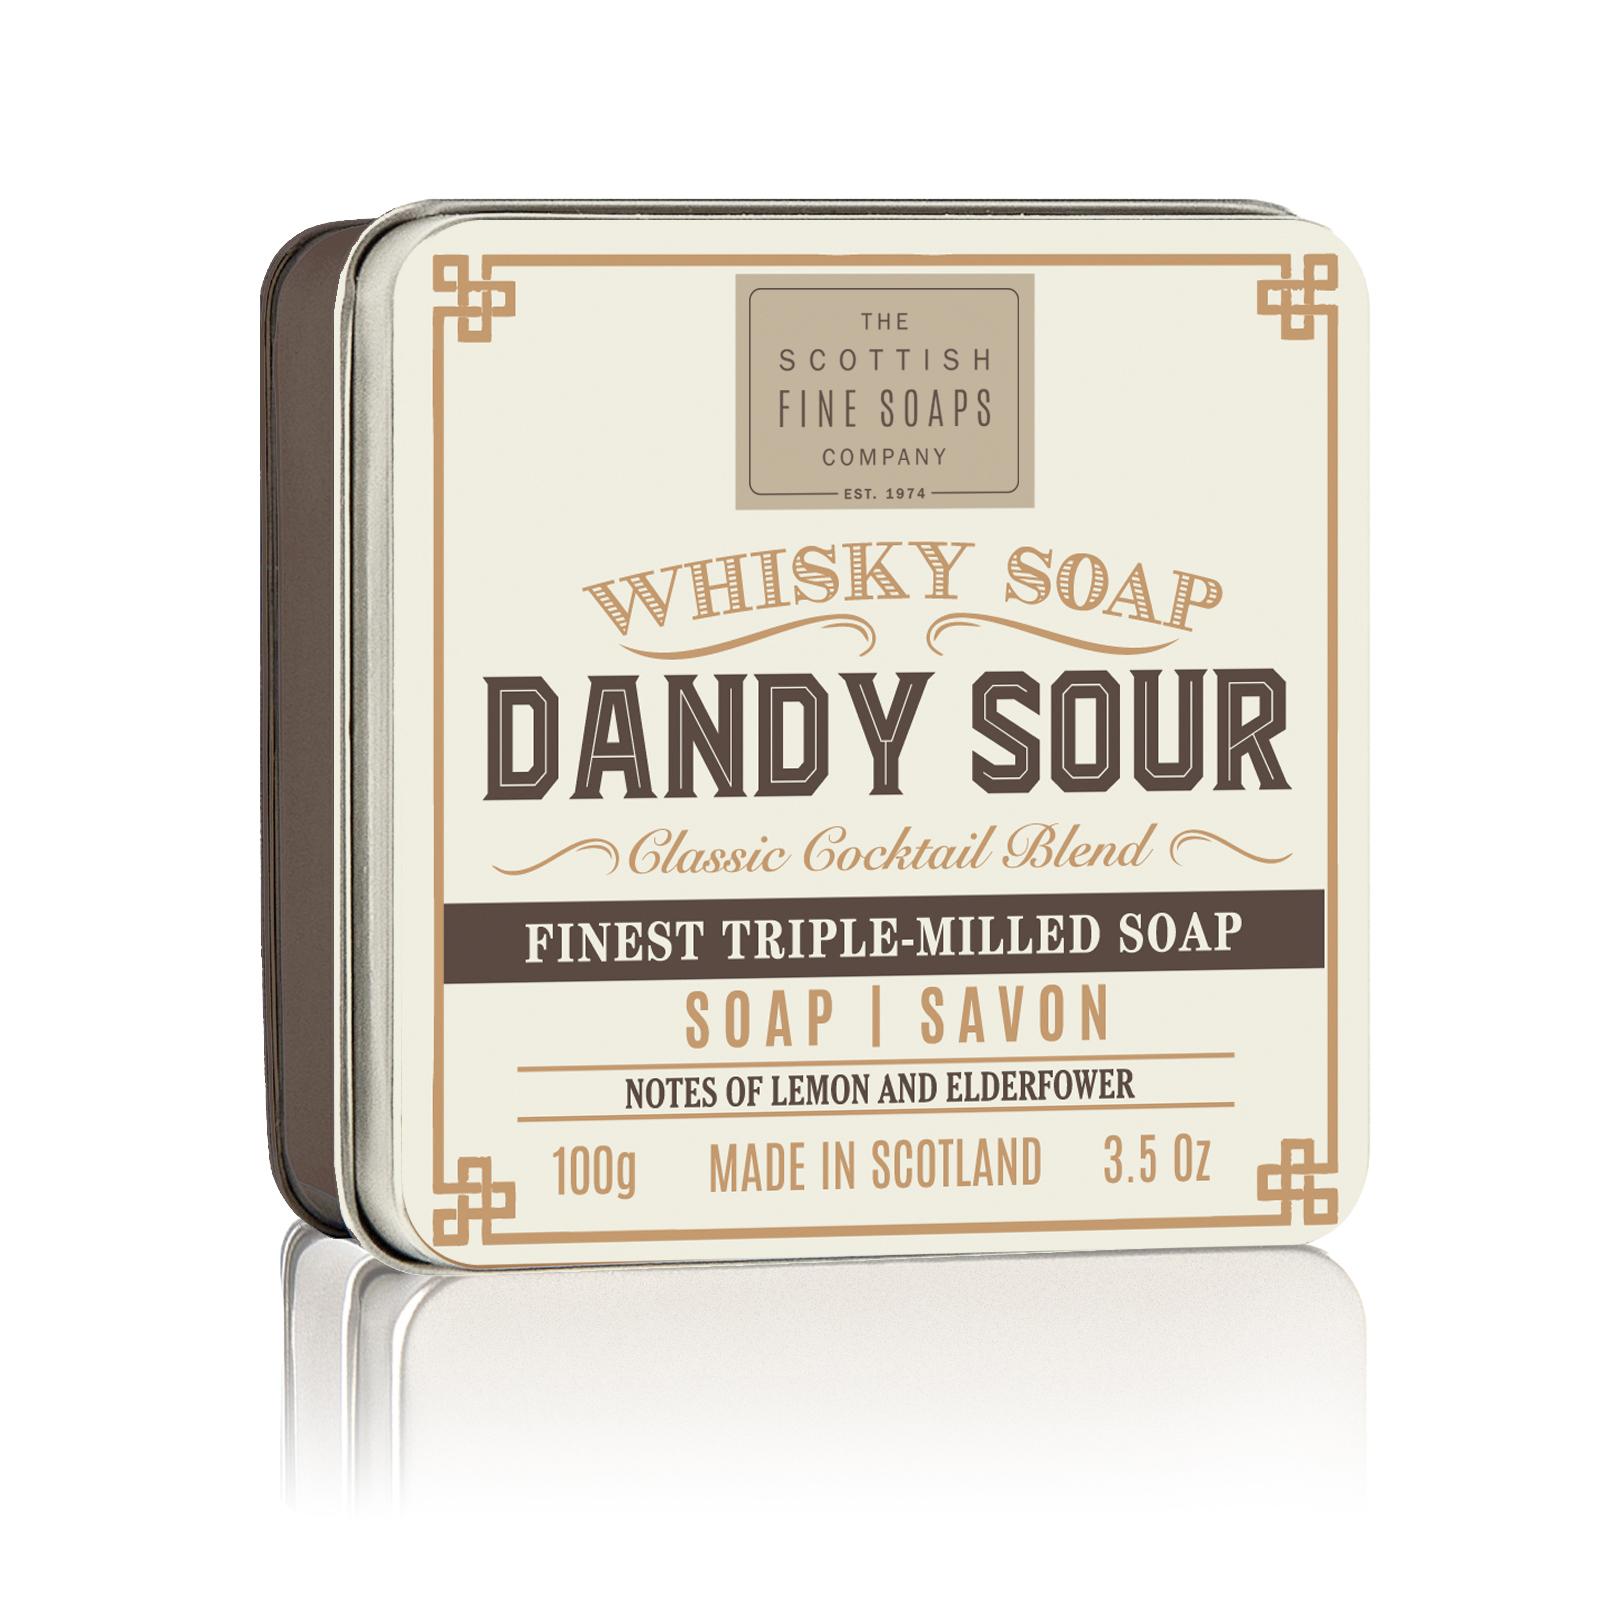 Dandy sour